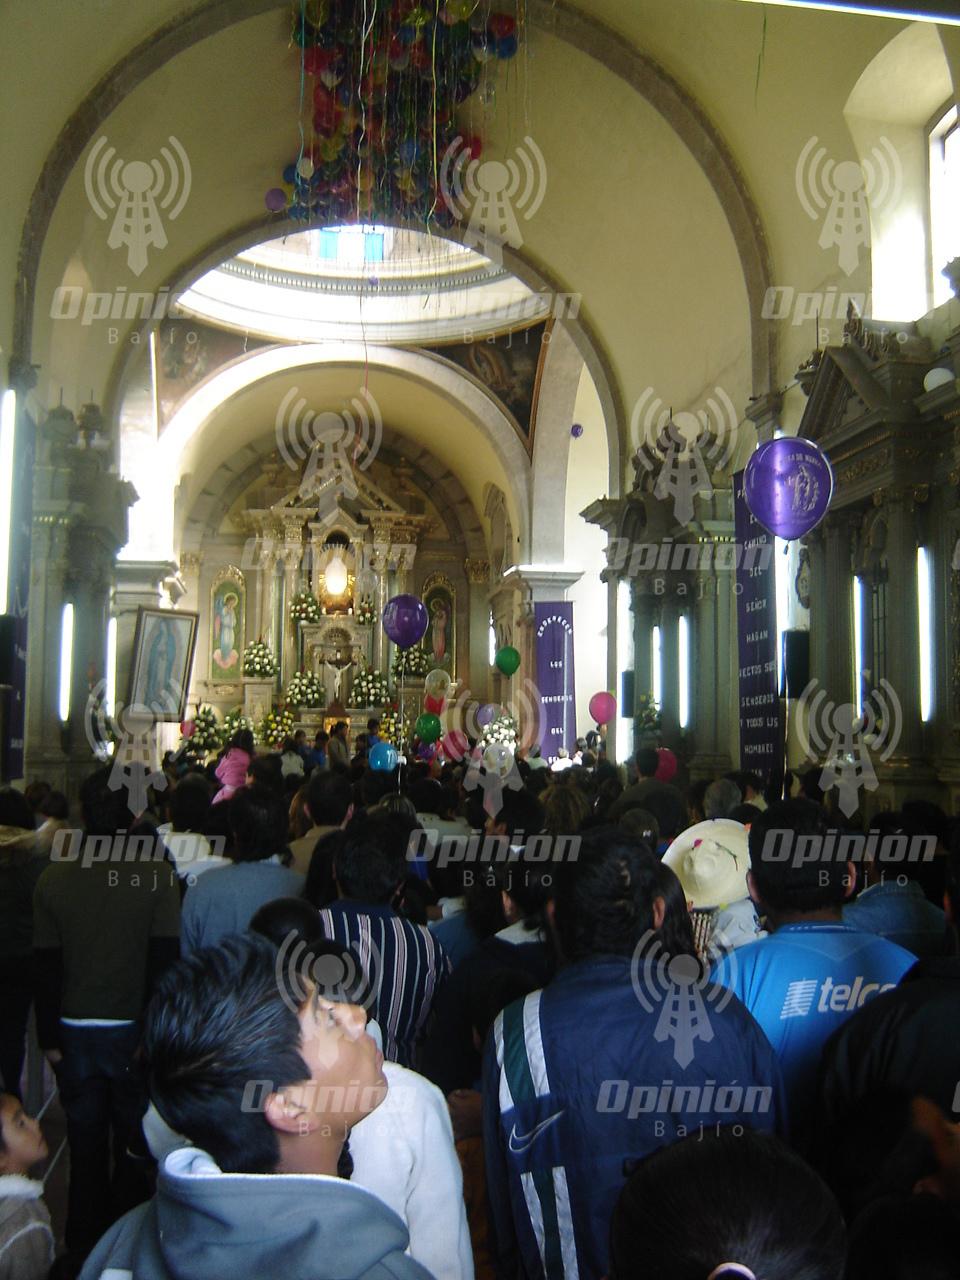 Reducir afectaciones a vialidades y no usar pirotecnia, pide Diócesis de Irapuato a peregrinaciones guadalupanas